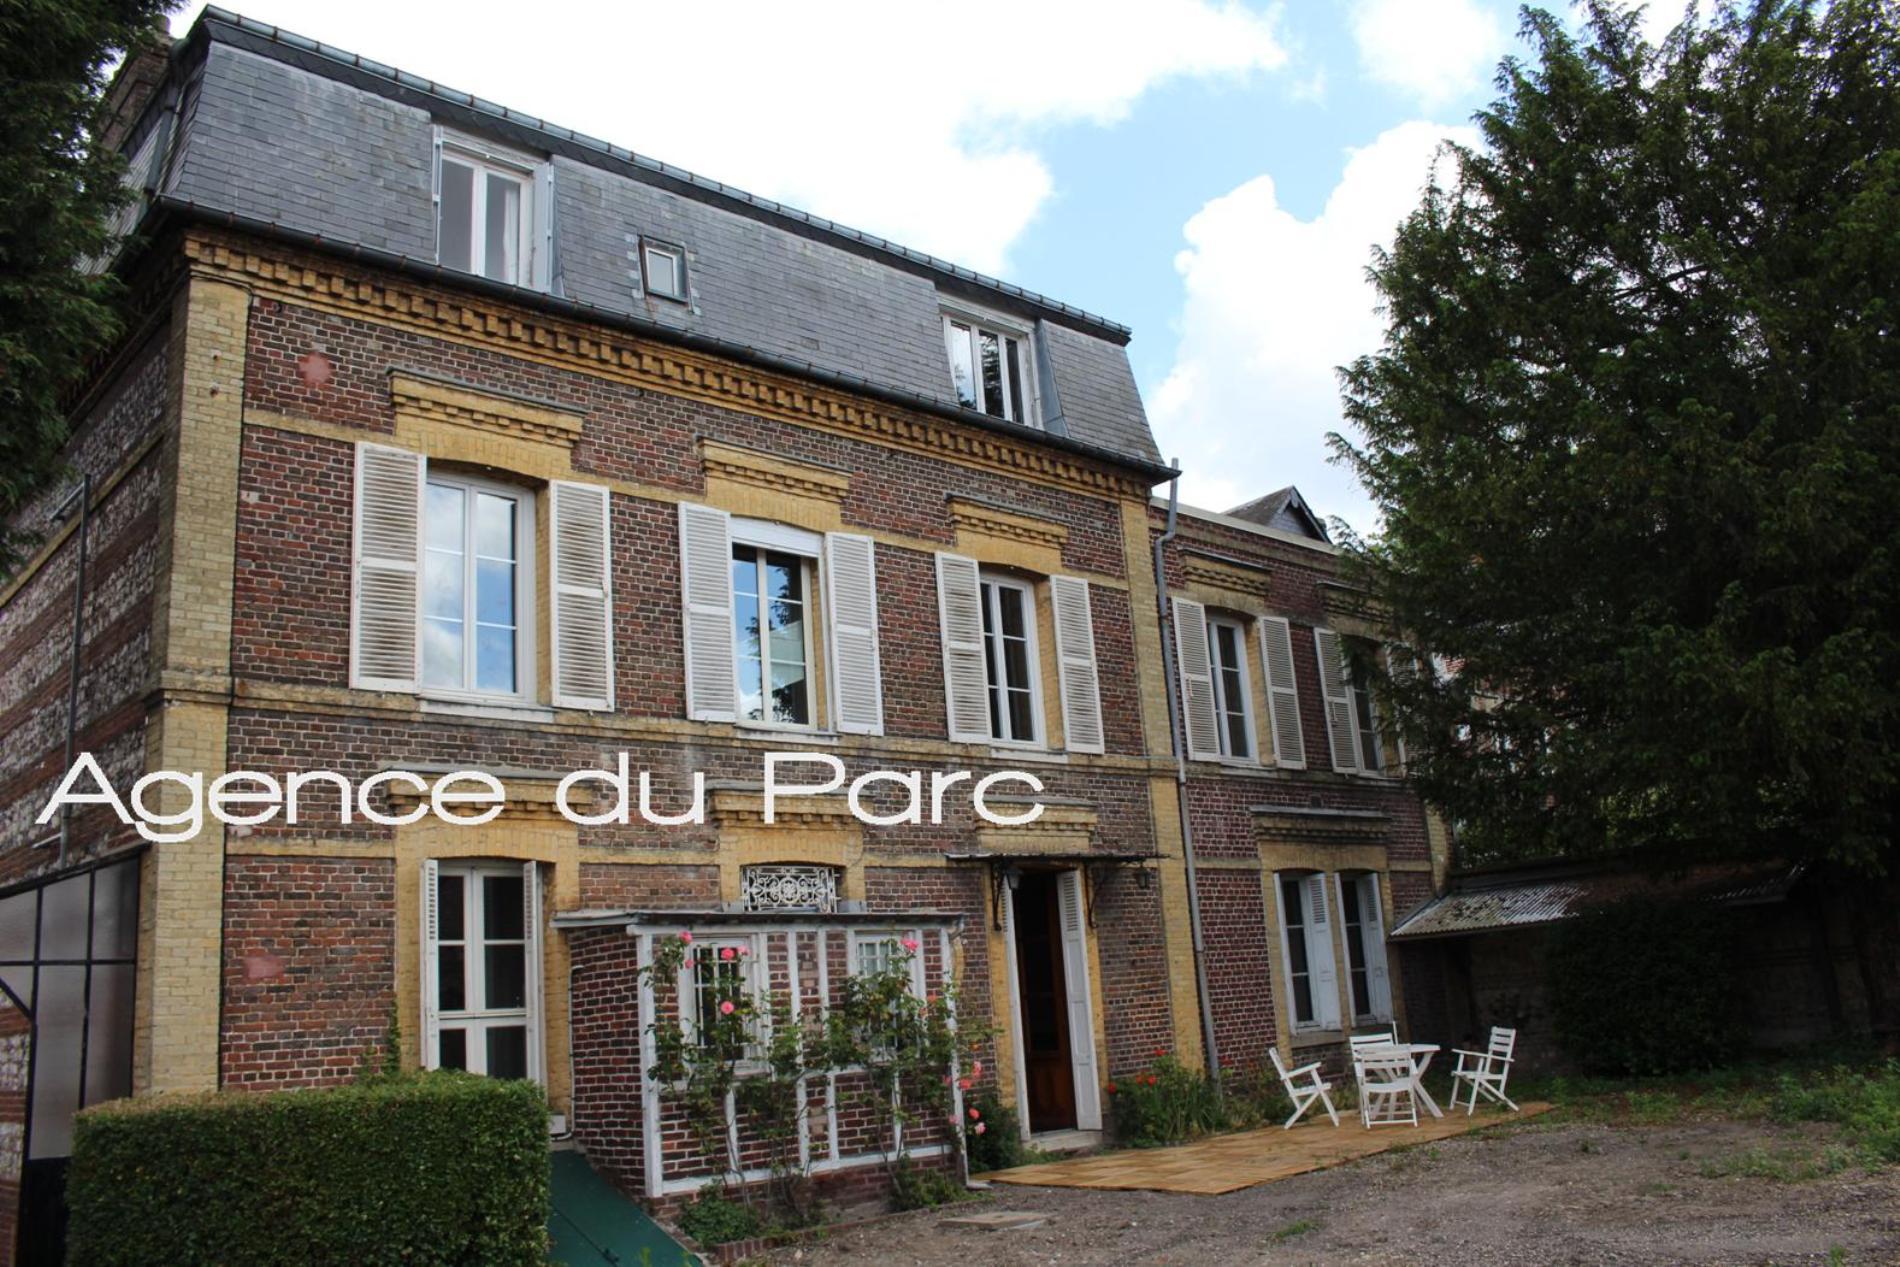 Acheter vente d 39 une maison bourgeoise t10 f10 dans un for Acheter une maison pour 10 euros